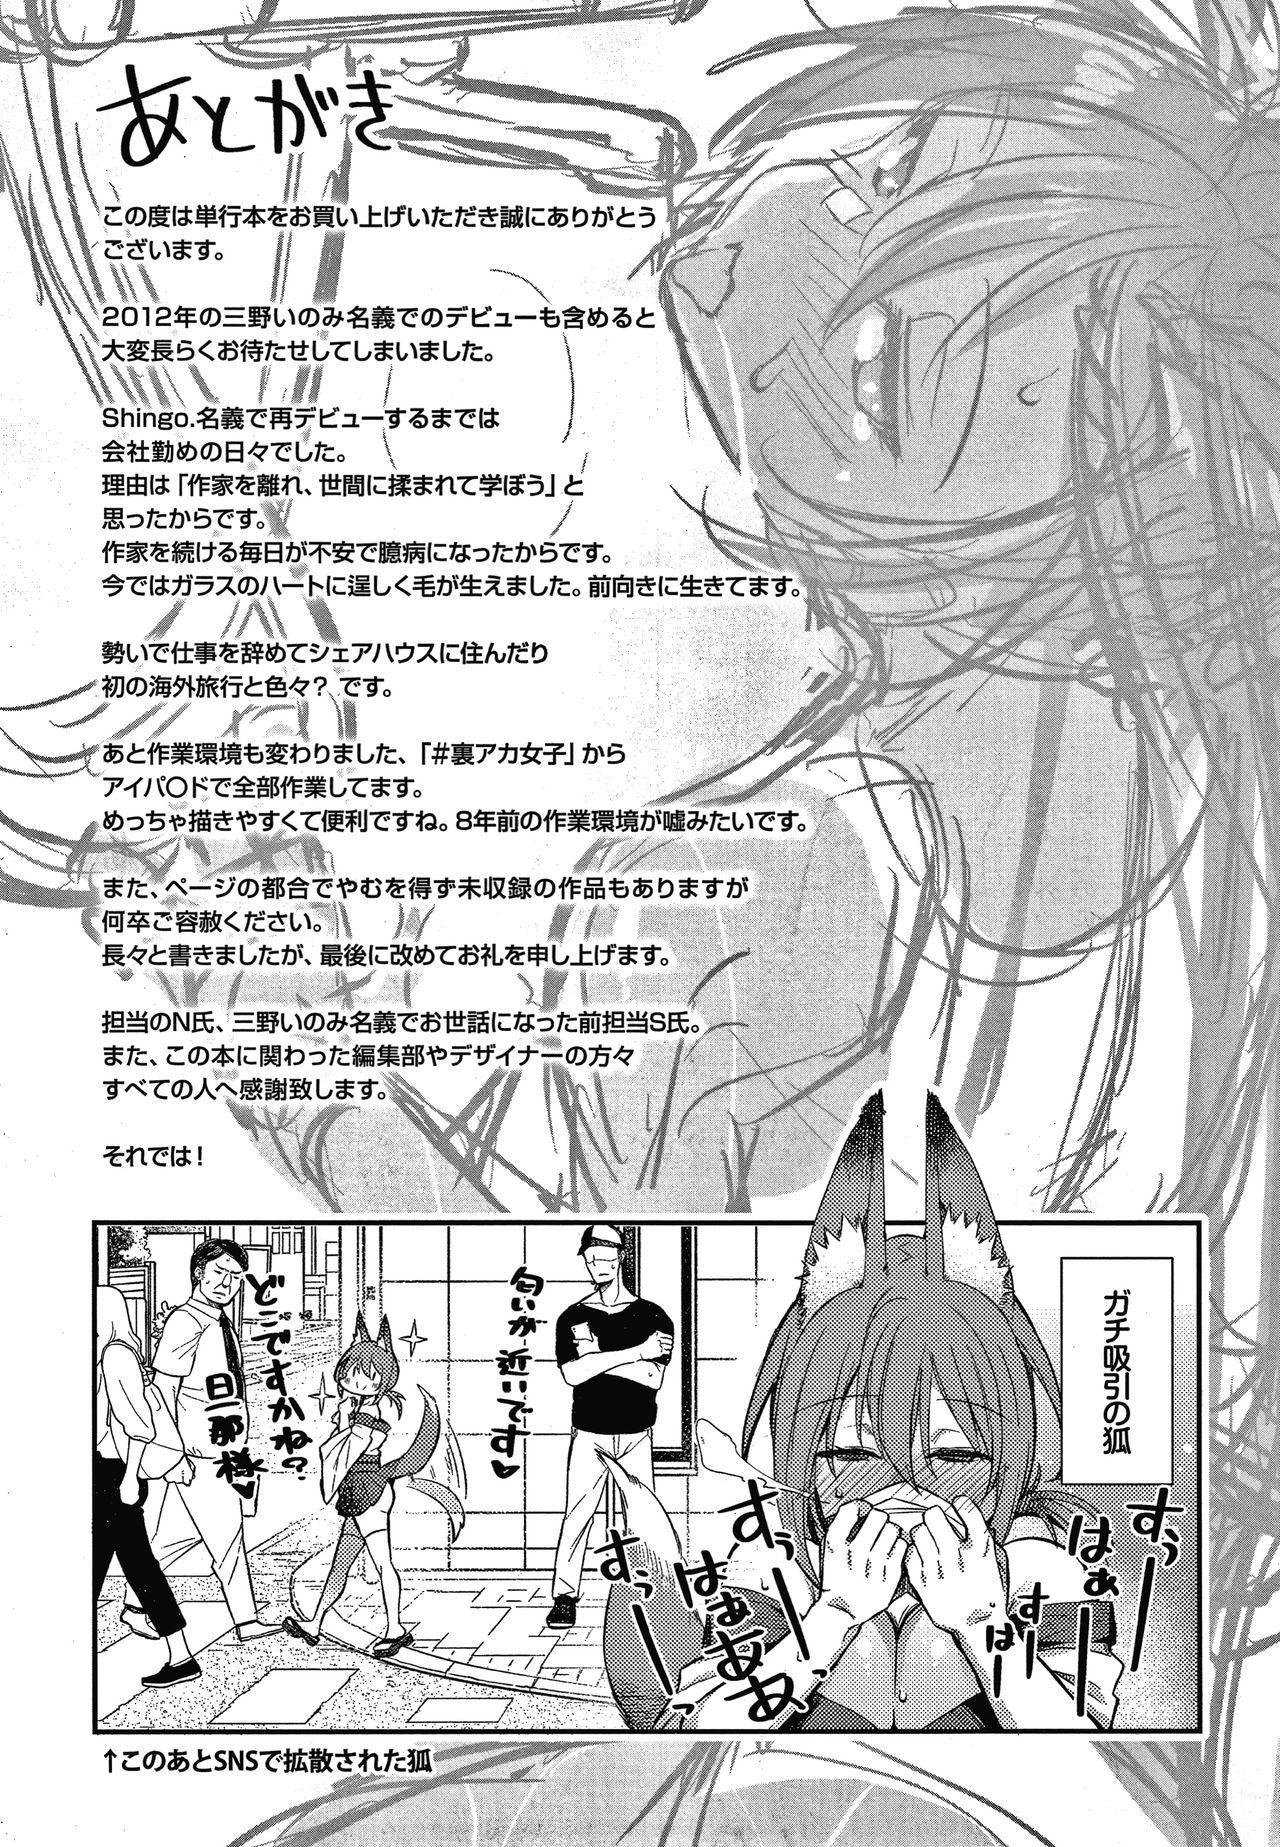 Pako Chuu Life 177